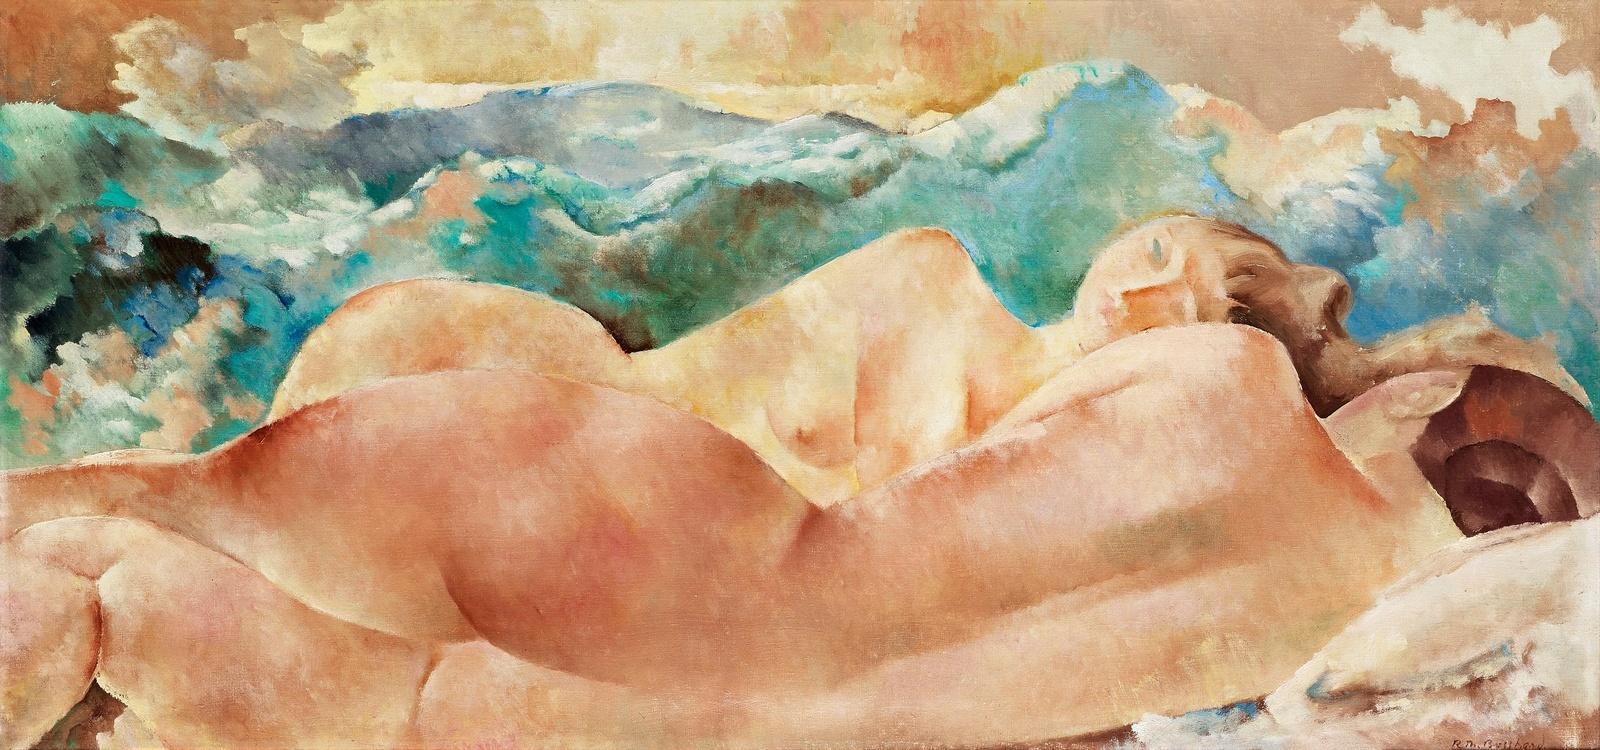 Рудольф-Теофил Босхард. 1922. Две обнаженных у озера (Two naked at the lake). 50 х 104. Холст, масло. Частное собрание.